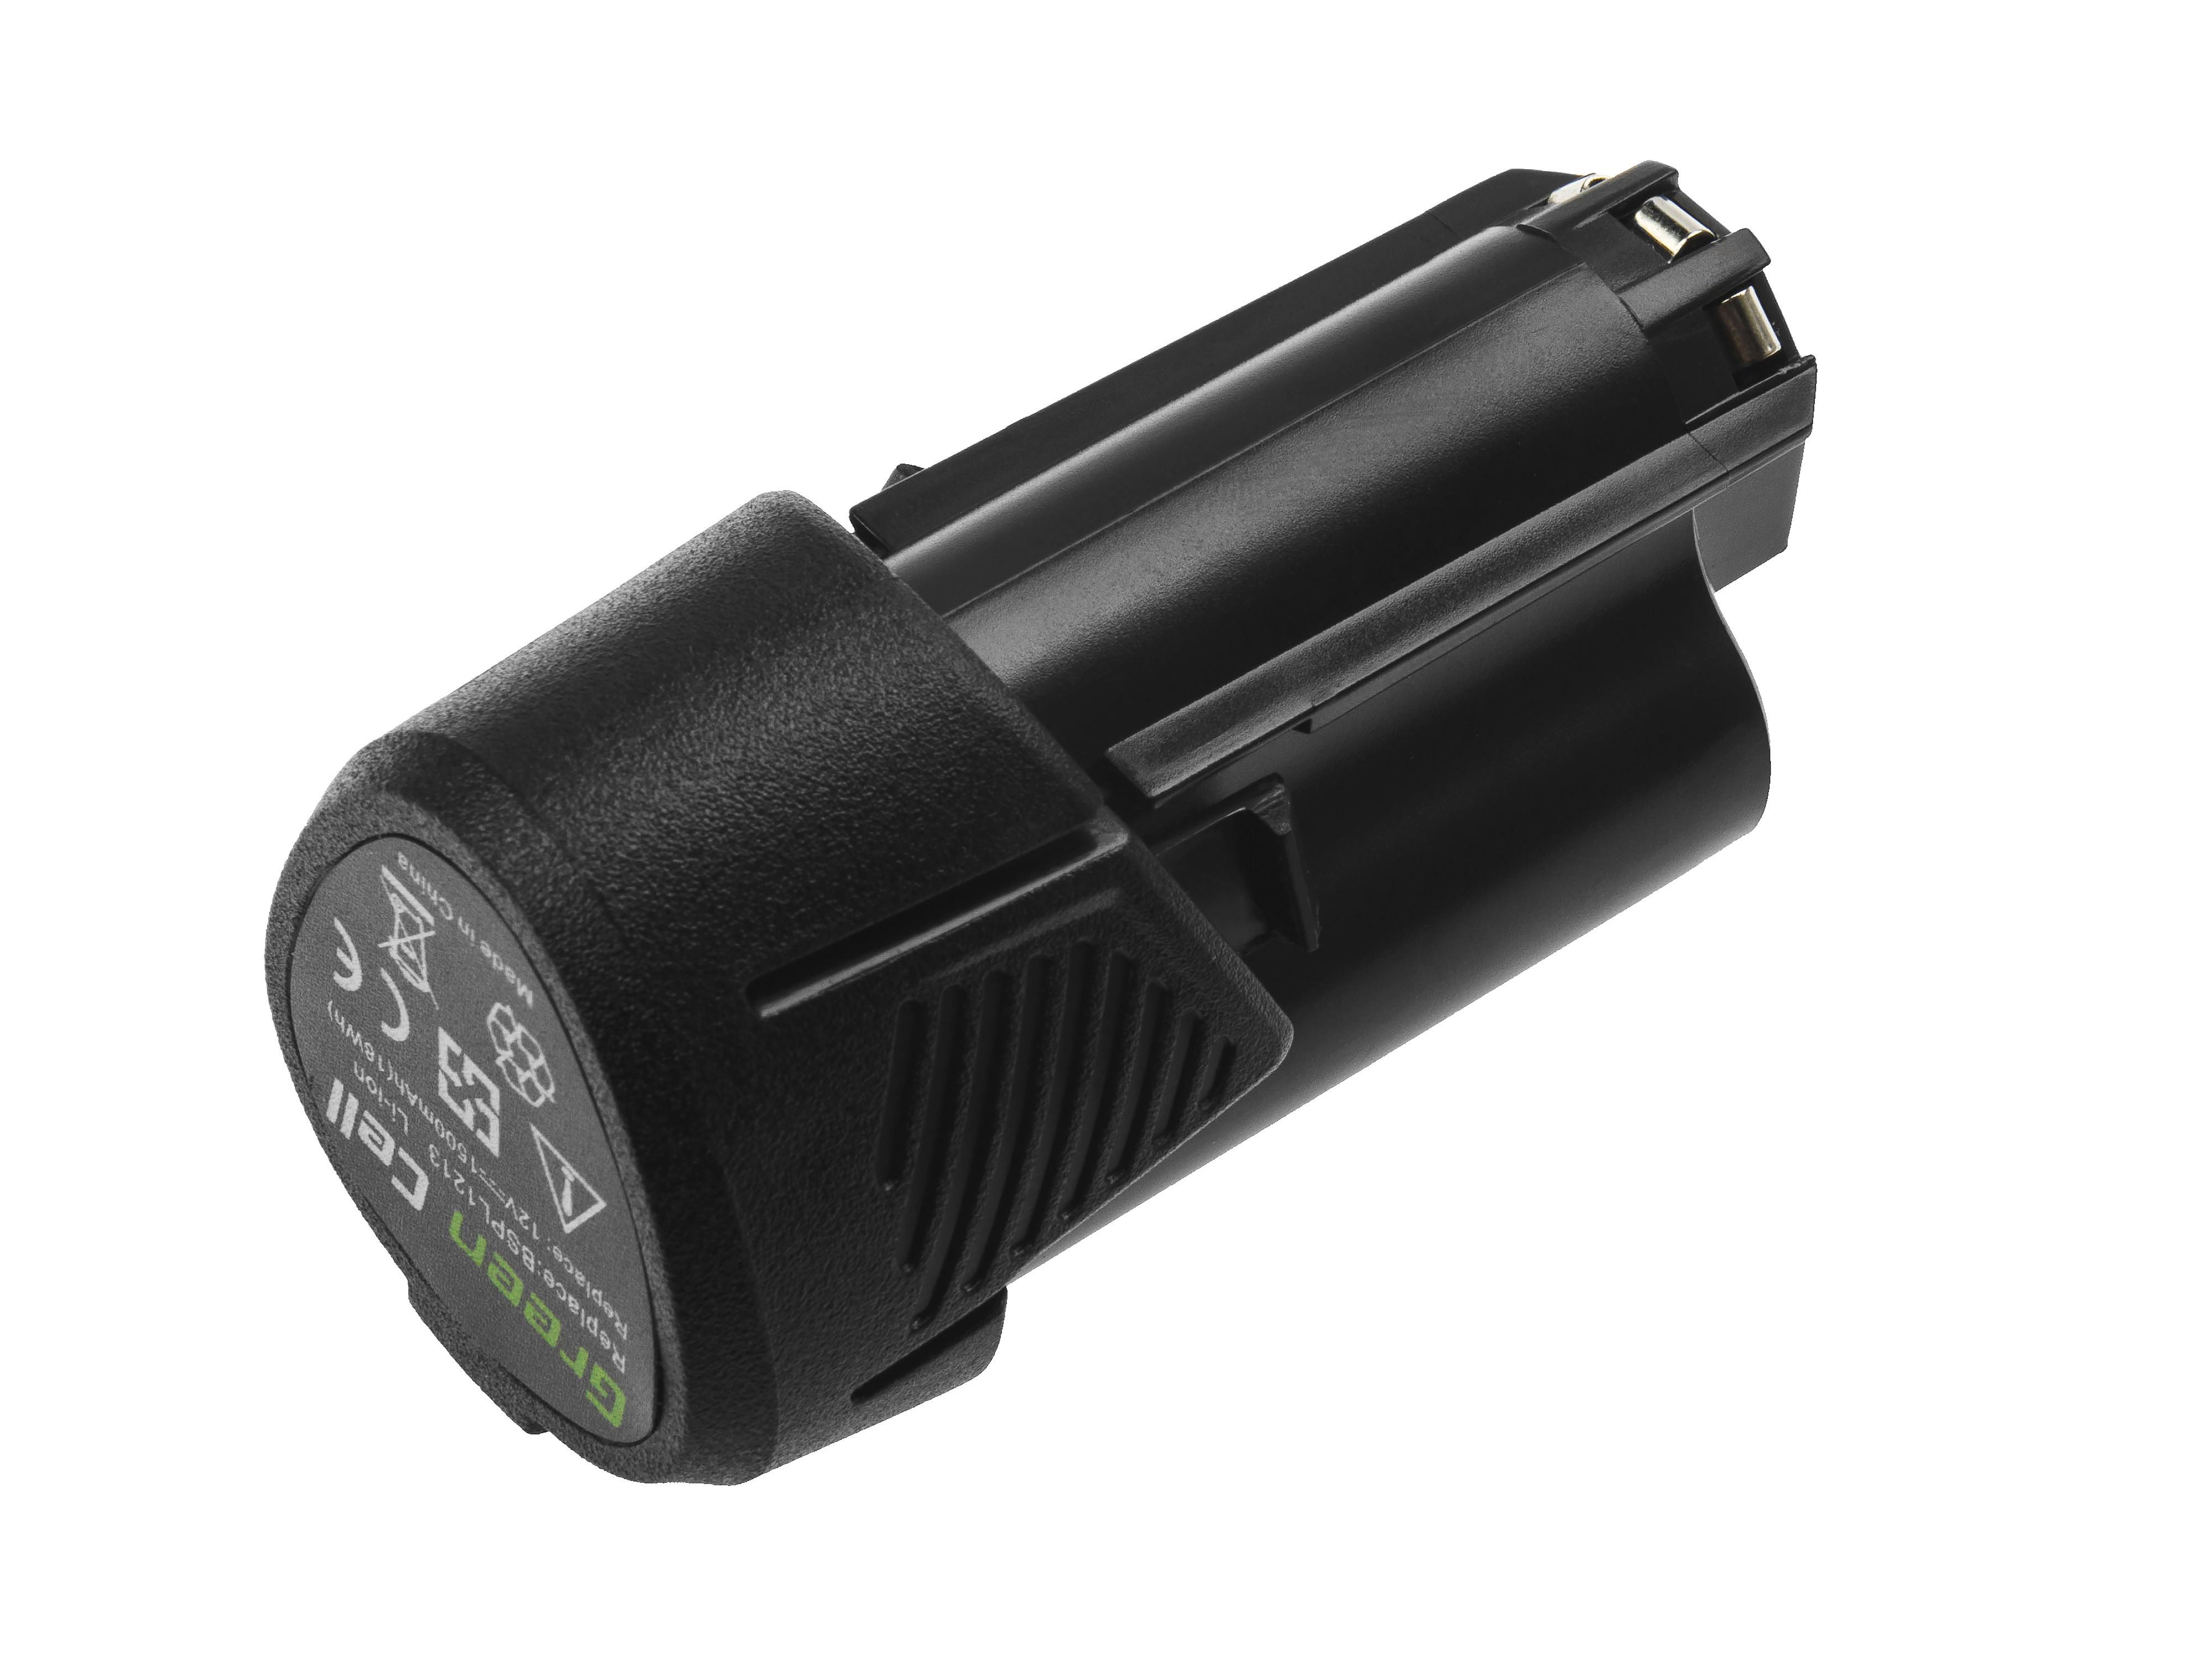 Green Cell Battery (1.5Ah 12V) BSPL1213 B-1013L for RYOBI RCD1201 RCD12011L RCD12012L RCD12011L RCD RMT 1201 R12DD-LL13S